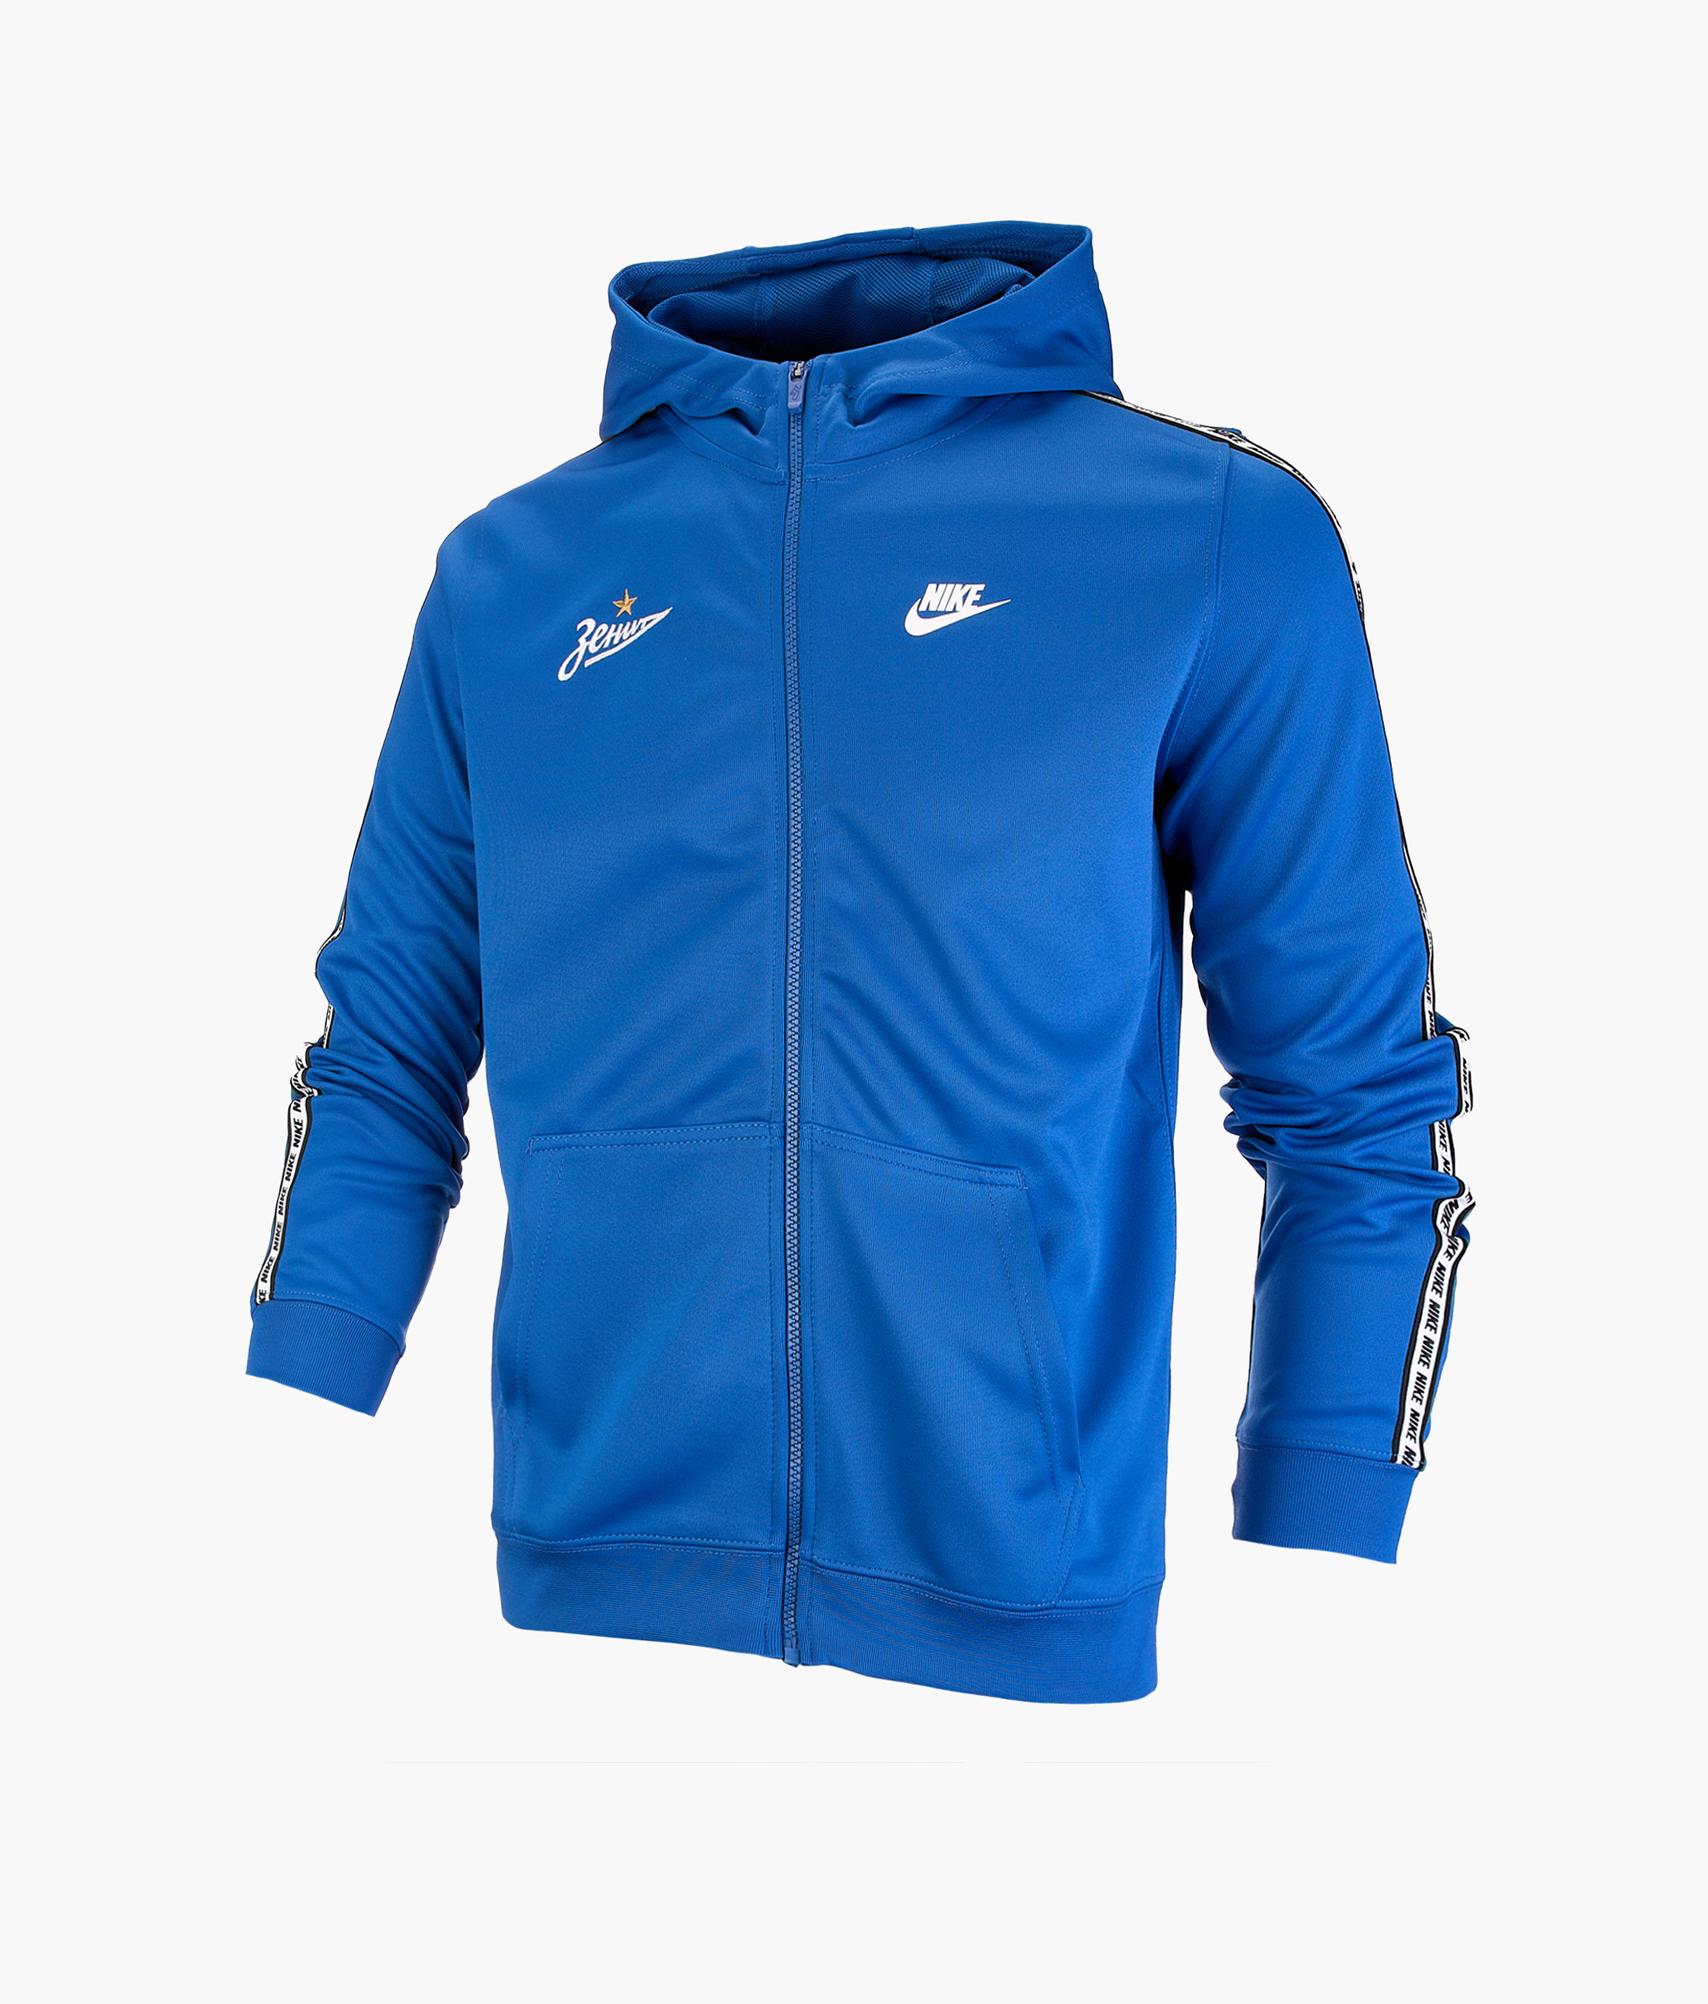 цена на Толстовка подростковая Nike Nike Цвет-Синий